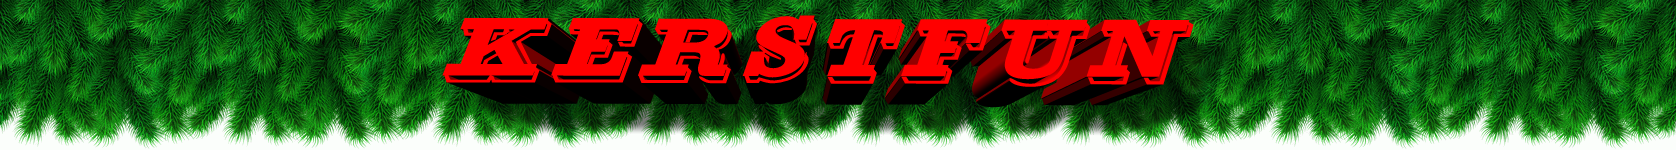 Kerstfun Kerstwens In Vele Talen